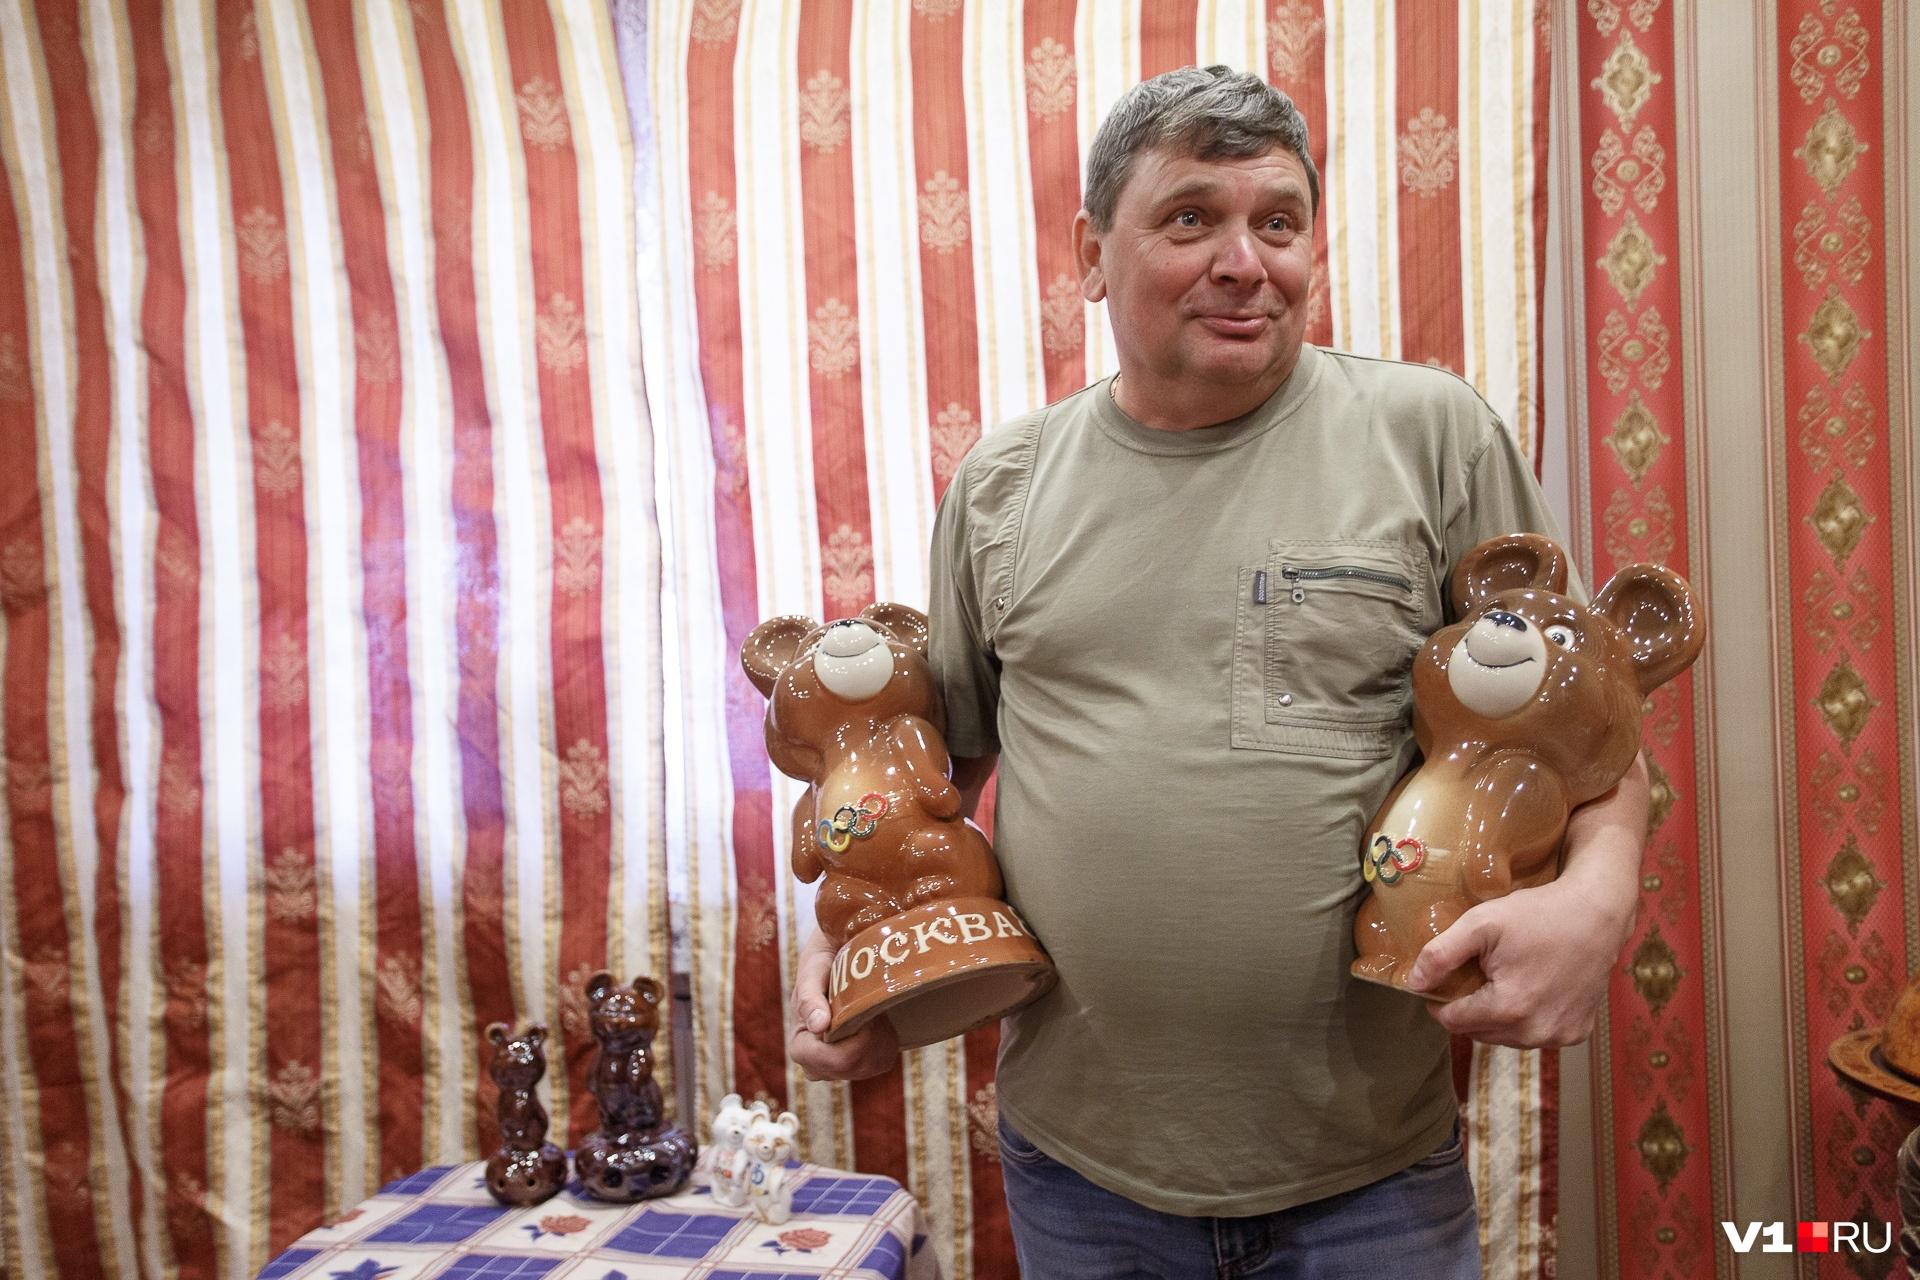 В Волгограде у спасателя осталась целая коллекция олимпийских мишек